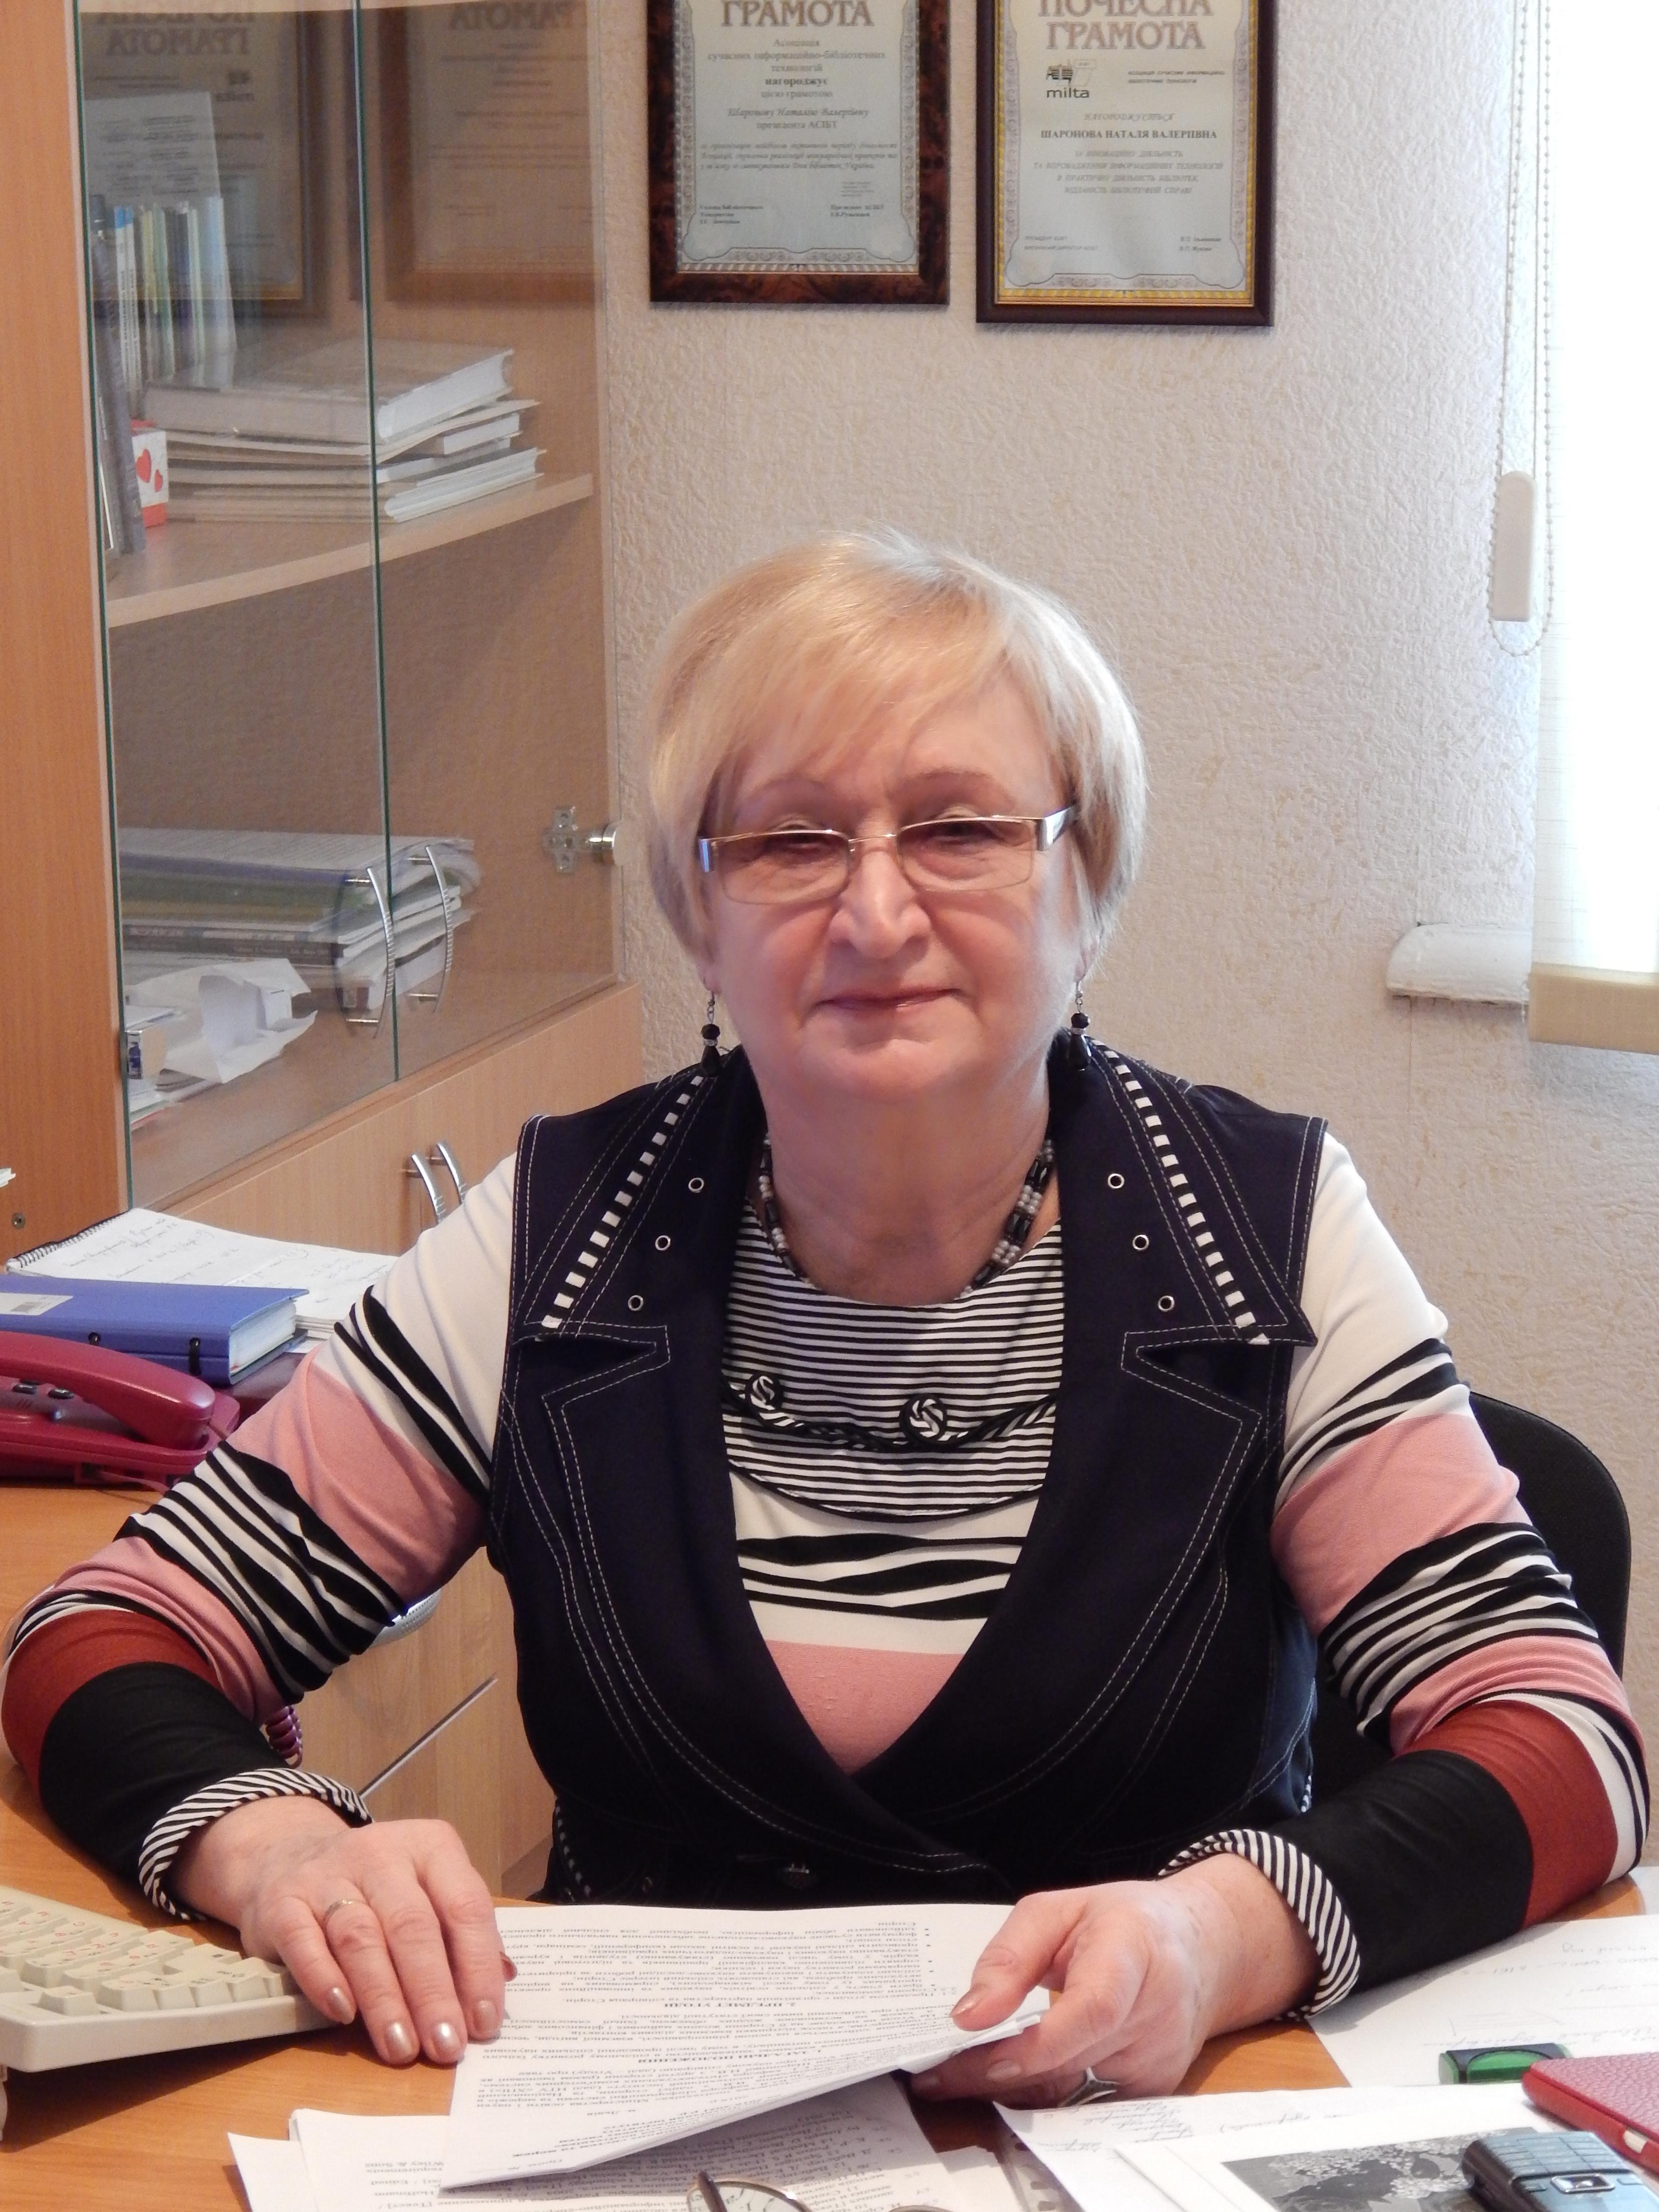 SharonovaN